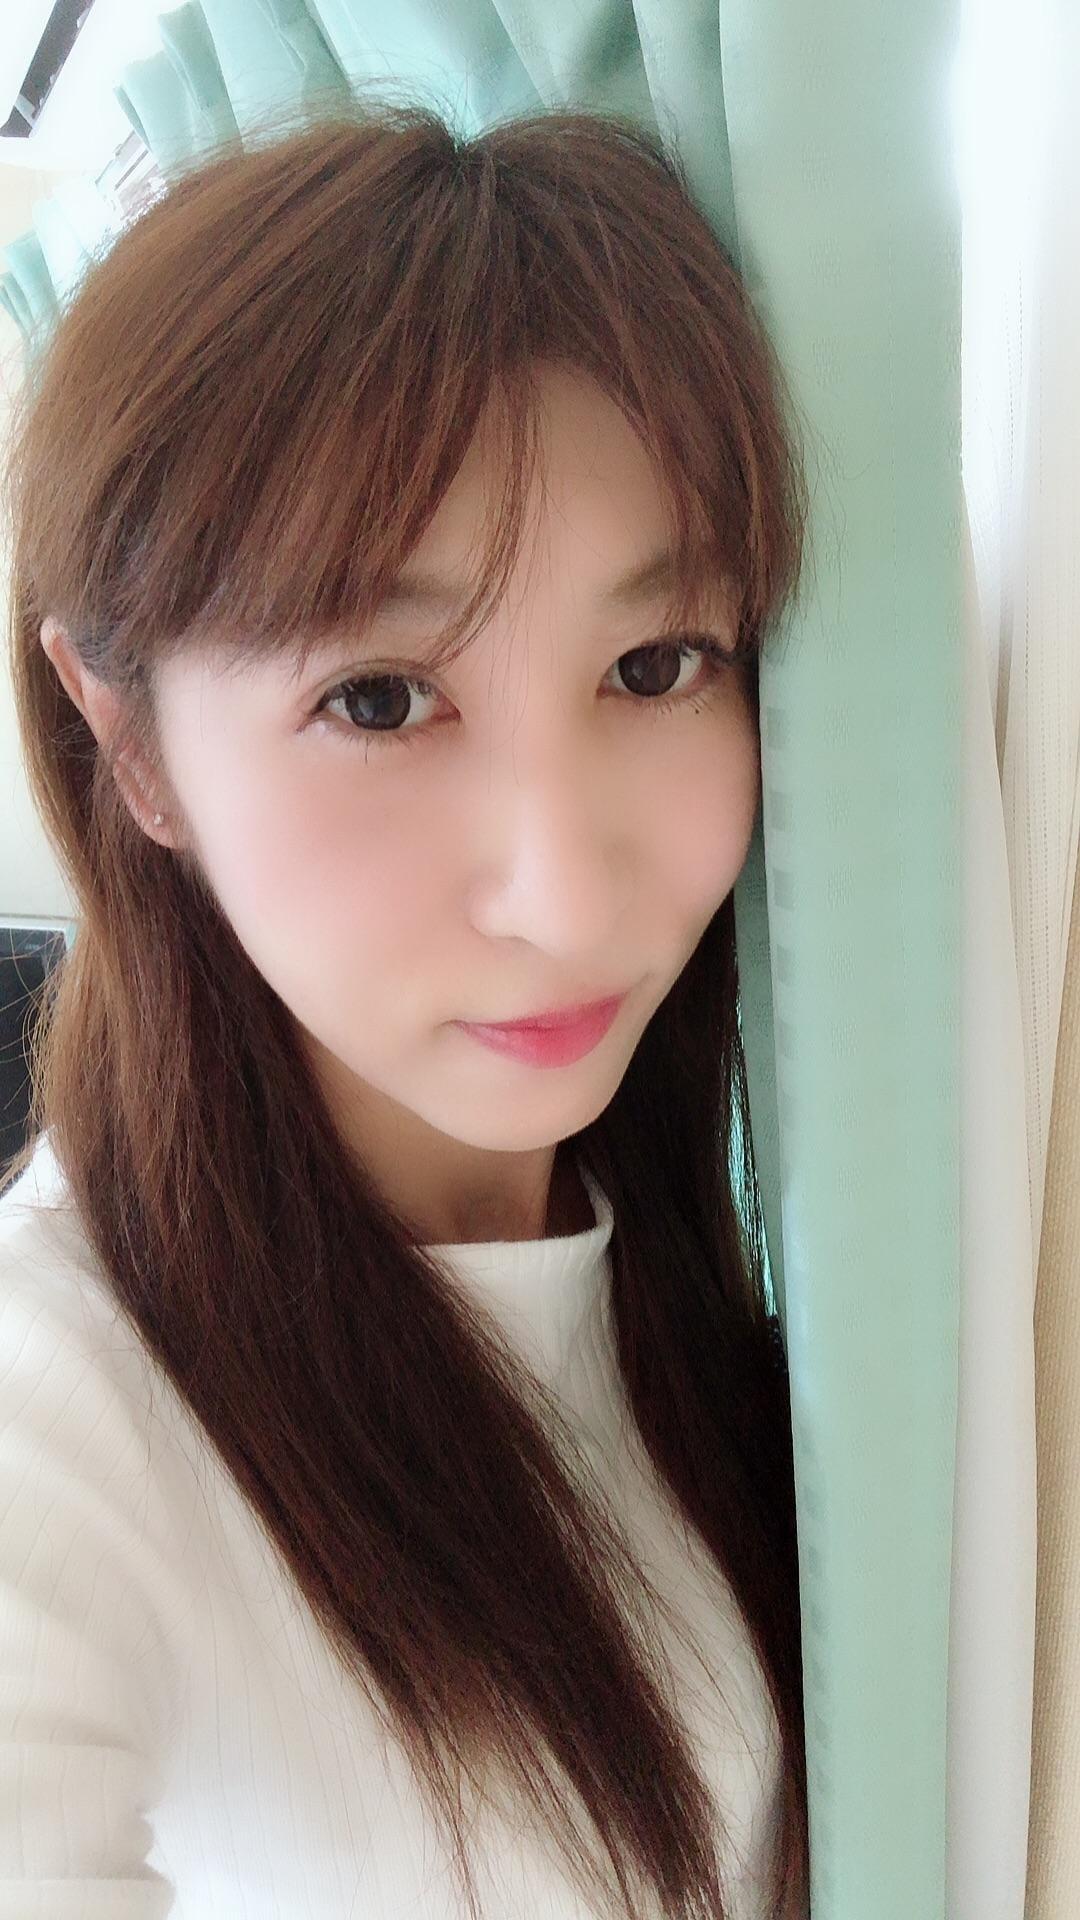 「最終日」08/21(08/21) 12:32 | みきchanの写メ・風俗動画